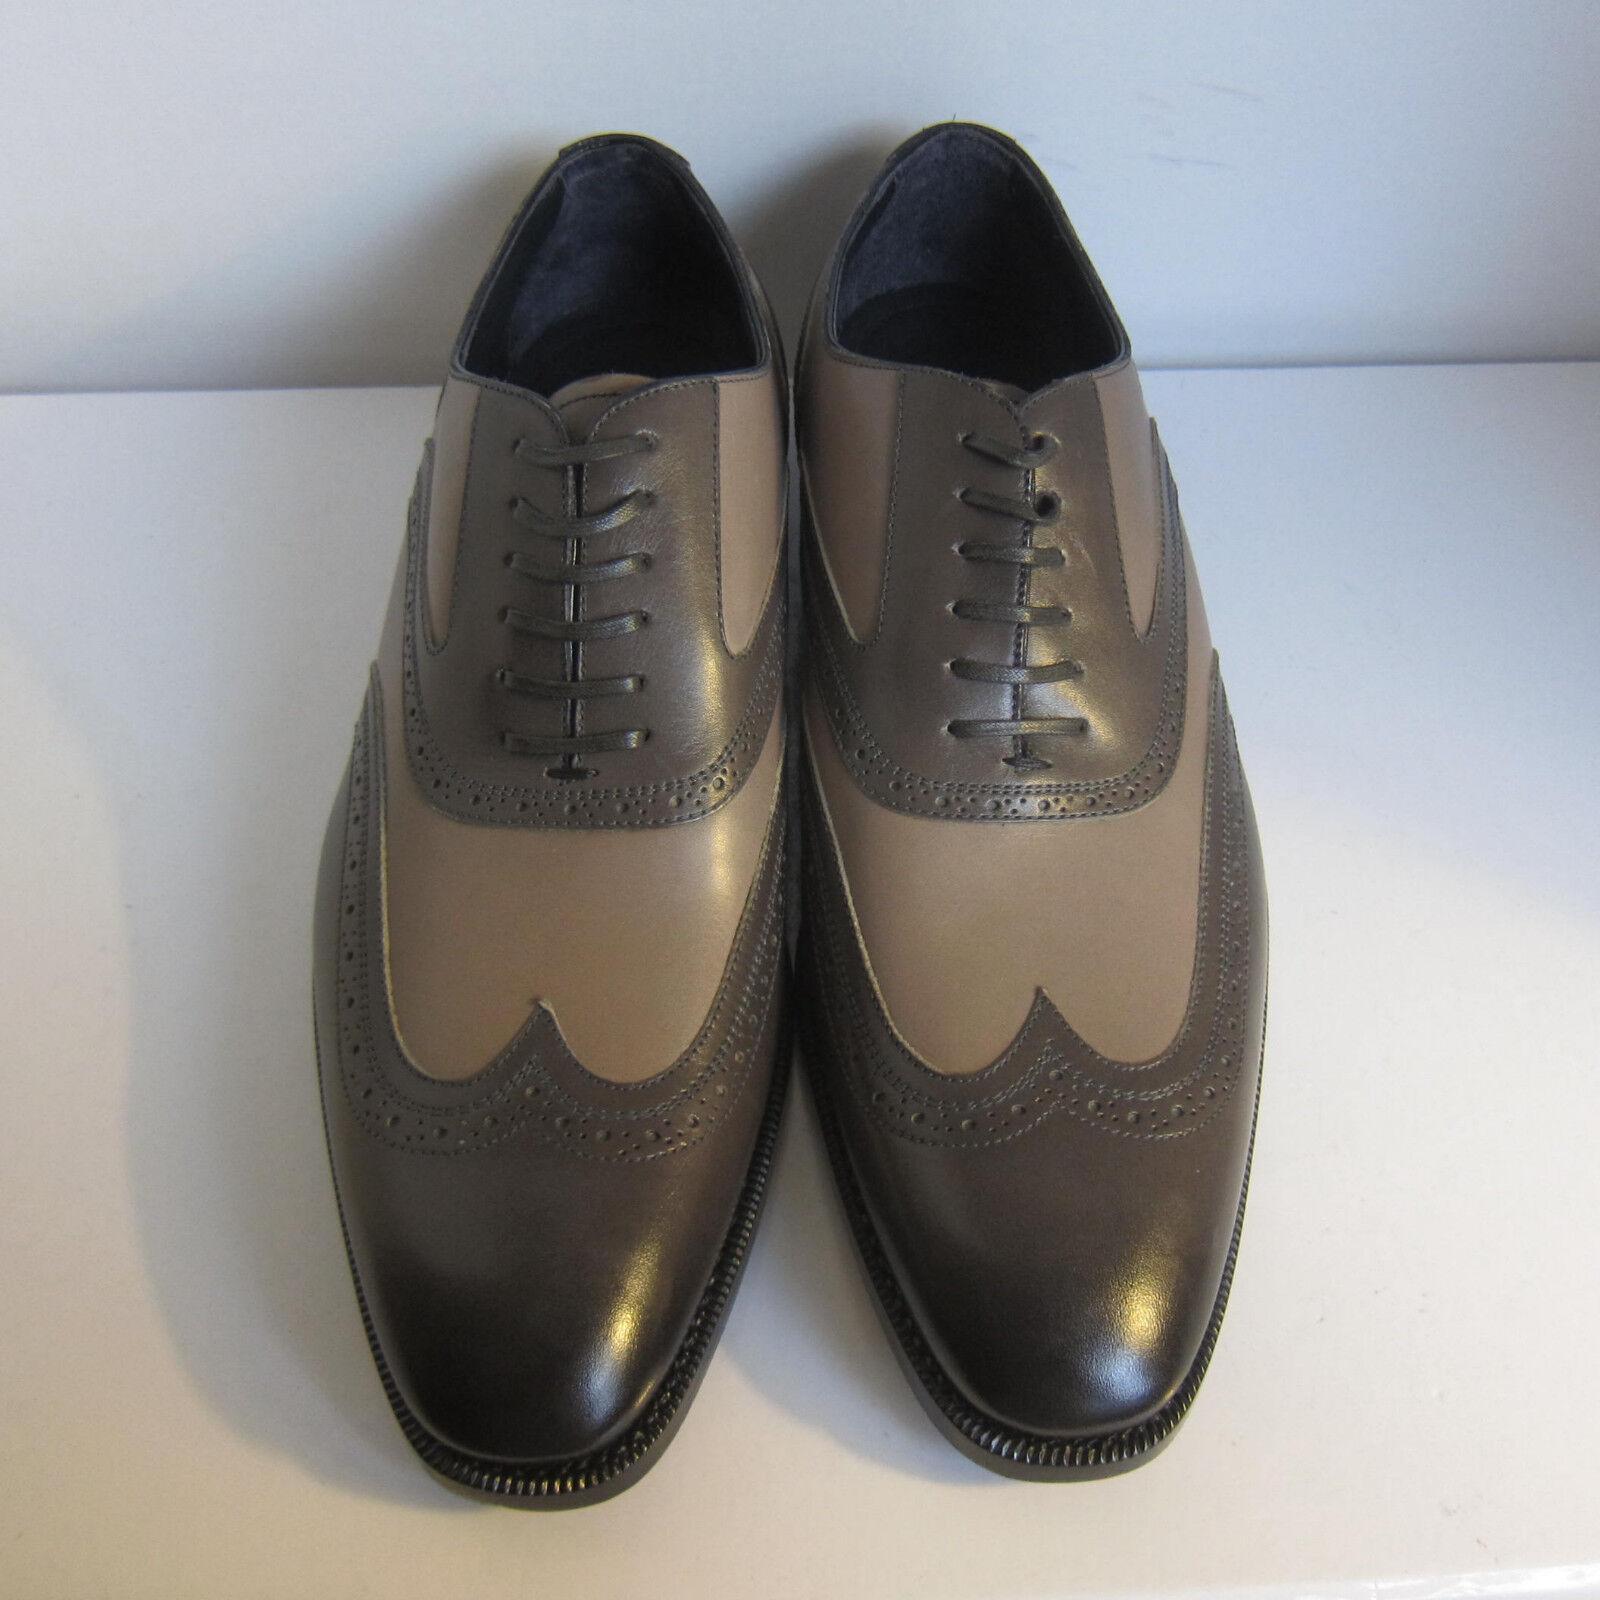 best website d0b95 05e3d ... C-1370125 Neuf ErHommes egildo Zegna Cuir Oxford Chaussures Taille Us  Us Us 11D Marqué